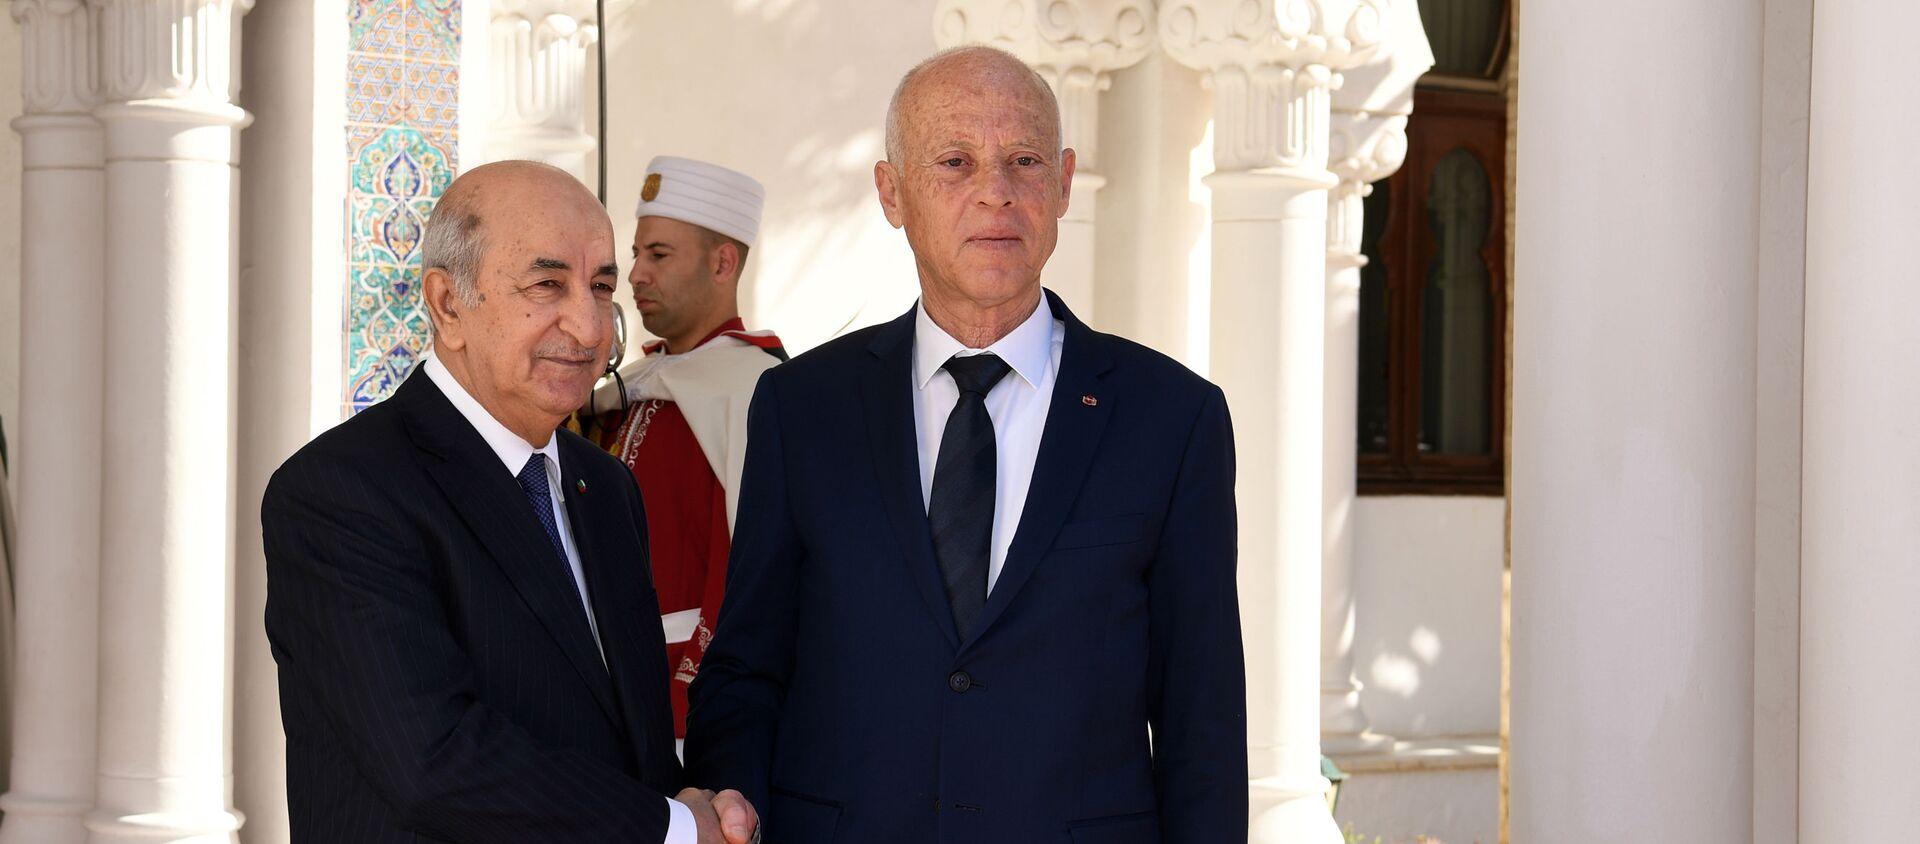 Abdelmadjid Tebboune et Kaïs Saied à Alger - Sputnik France, 1920, 03.08.2021